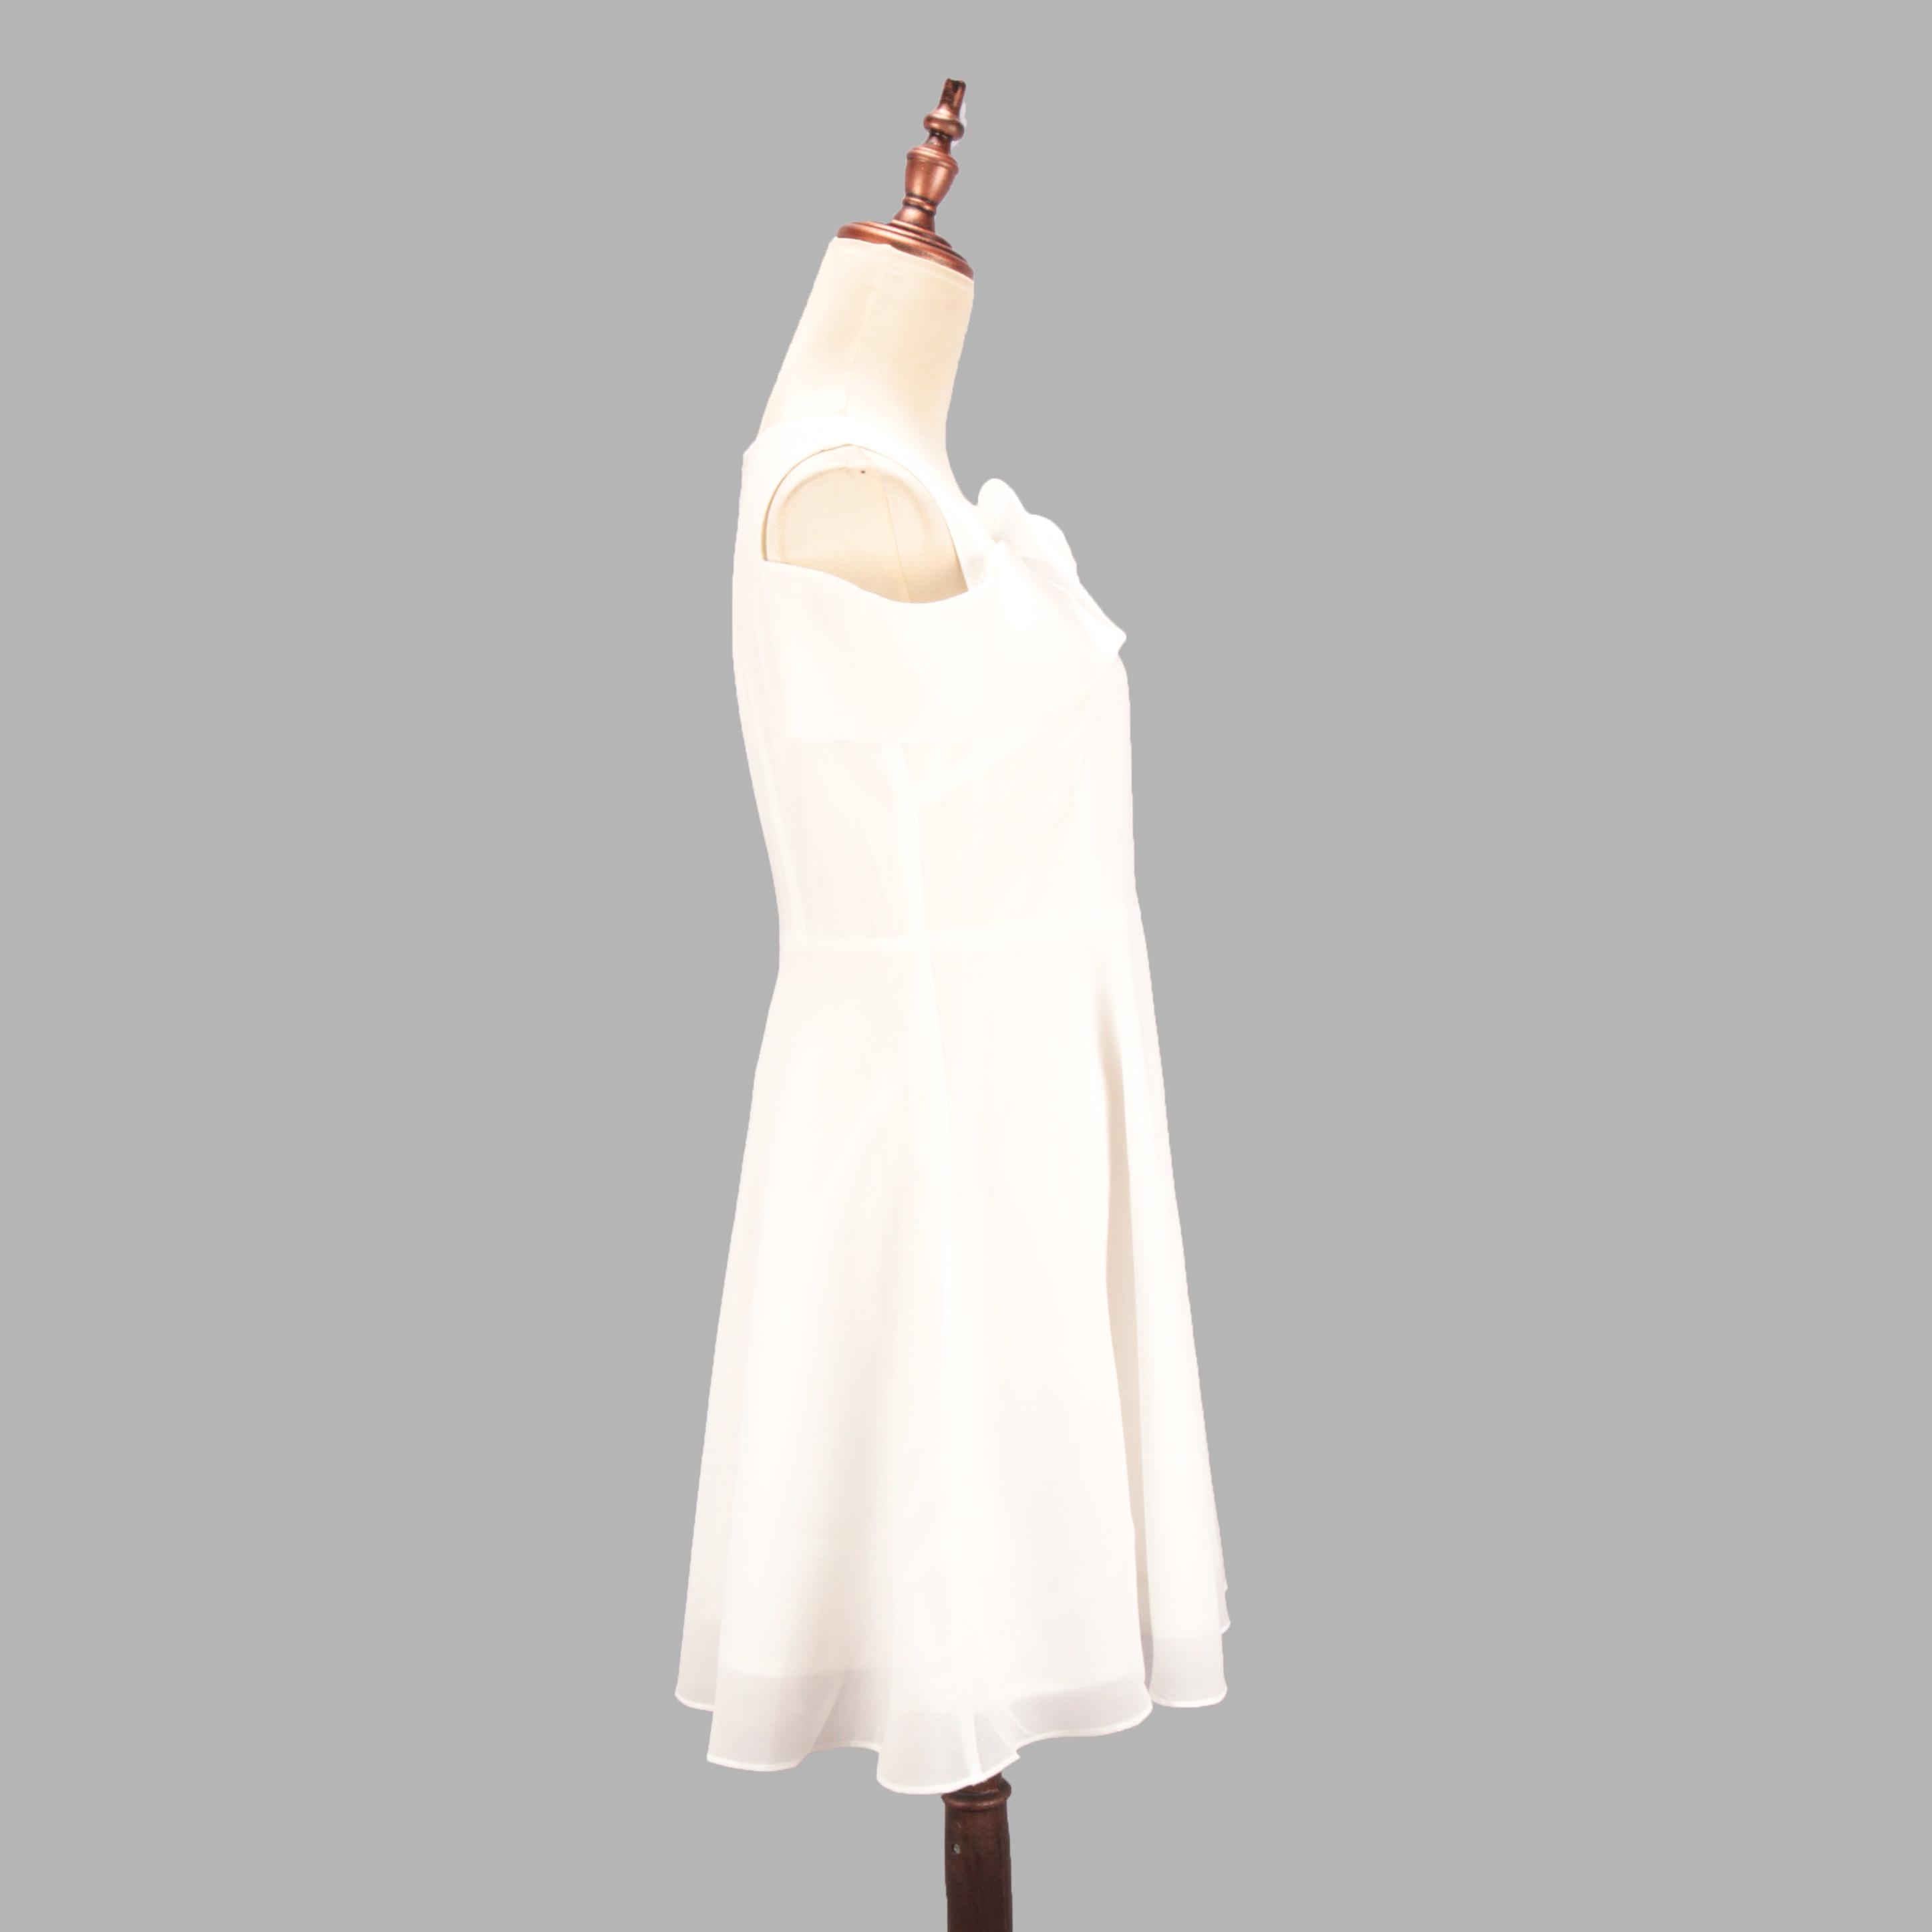 朵以雪纺连衣裙 Duoyi朵以2019夏装新款露肩性感修身雪纺连衣裙女包邮_推荐淘宝好看的朵以雪纺连衣裙